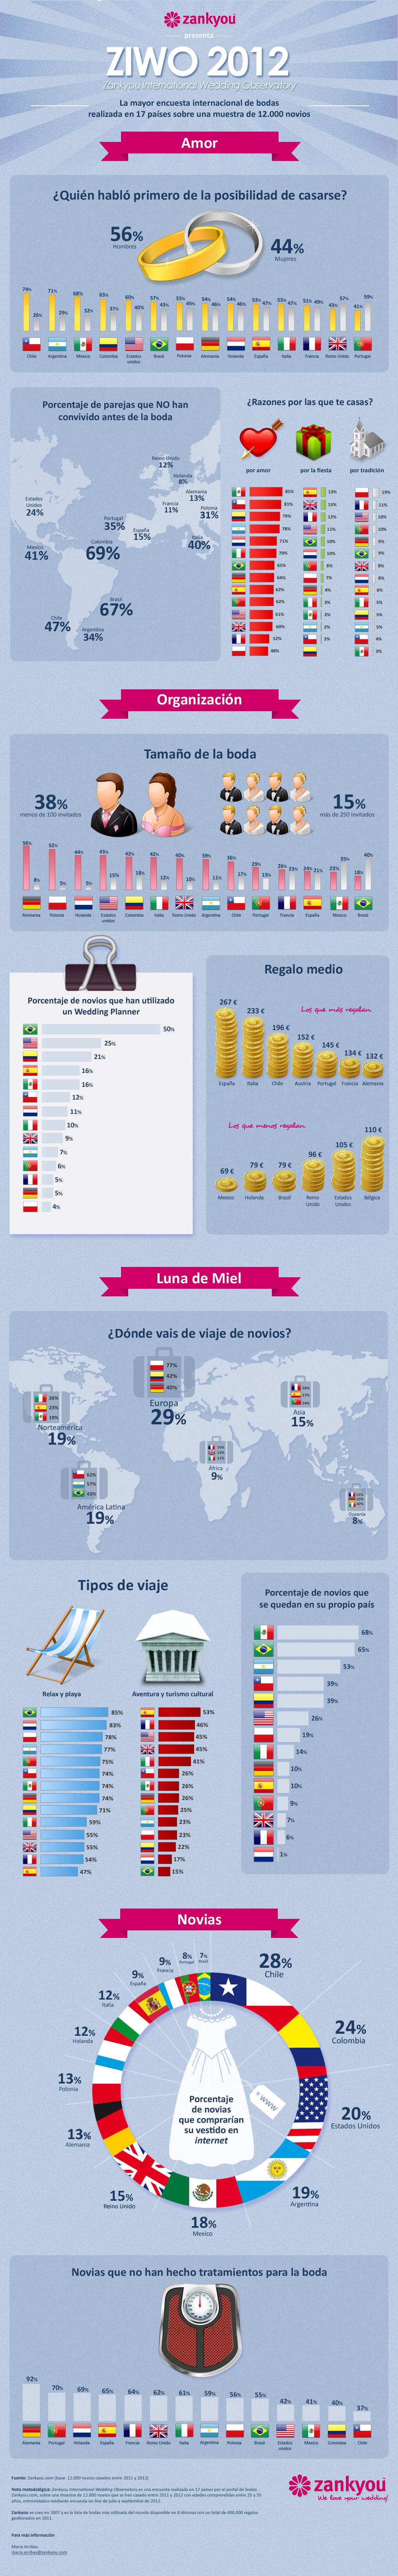 Infografía ZIWO 2012